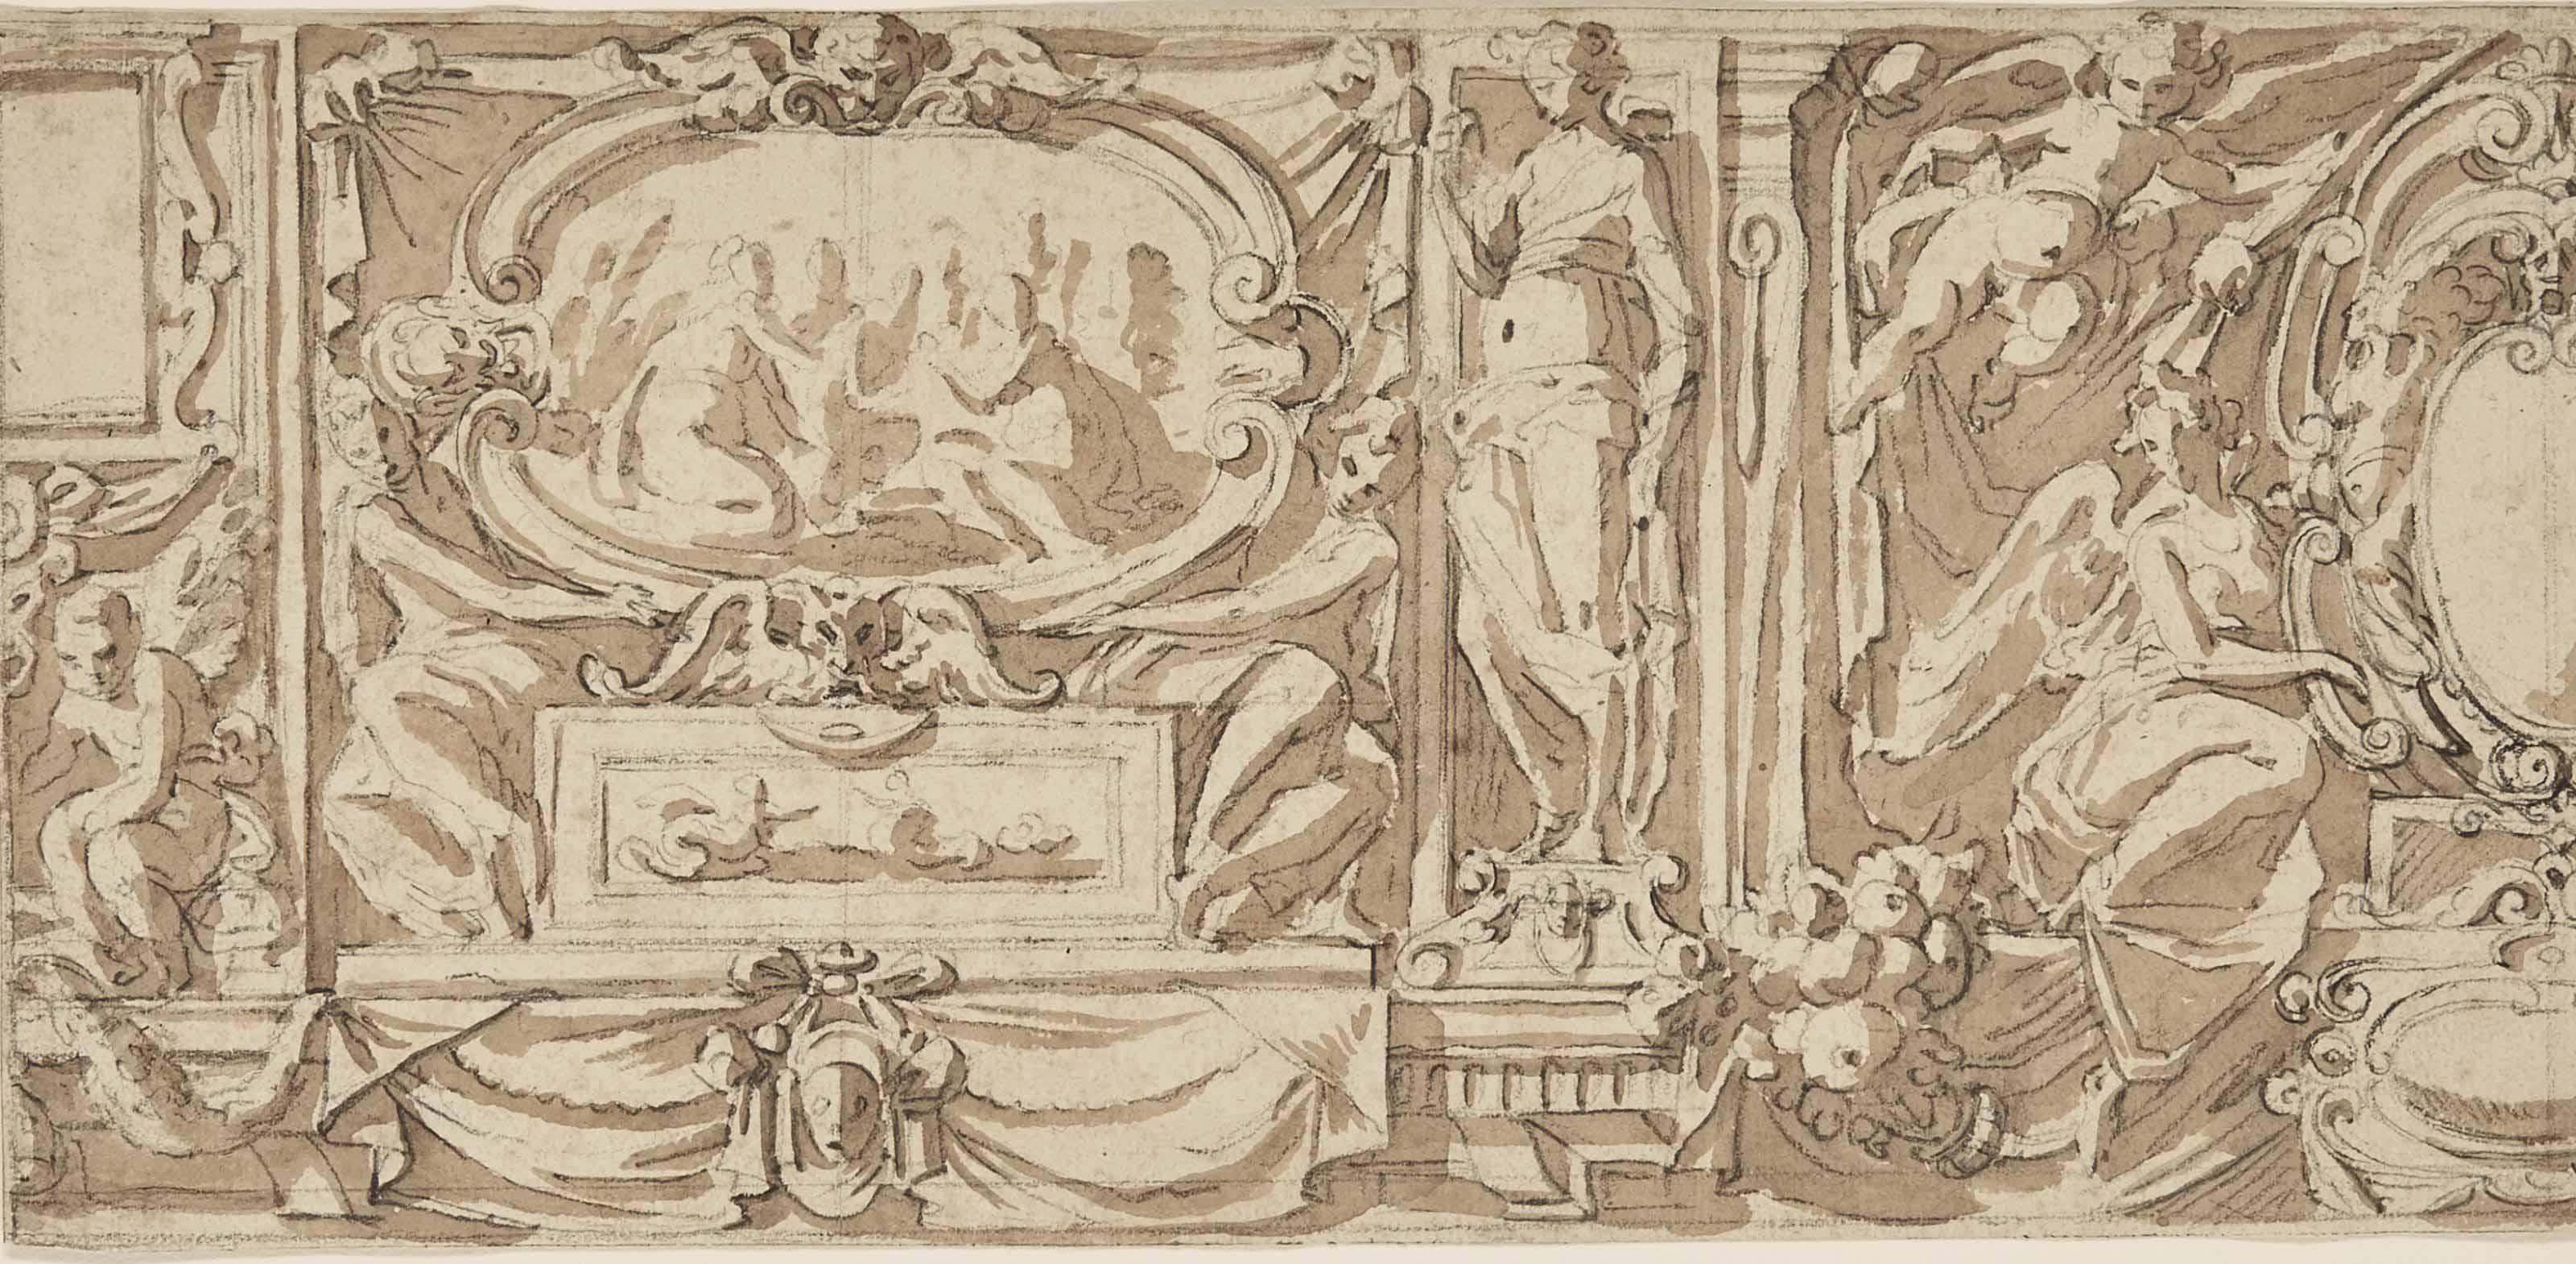 ECOLE ROMAINE VERS 1620 , Décoration pariétale avec scènes